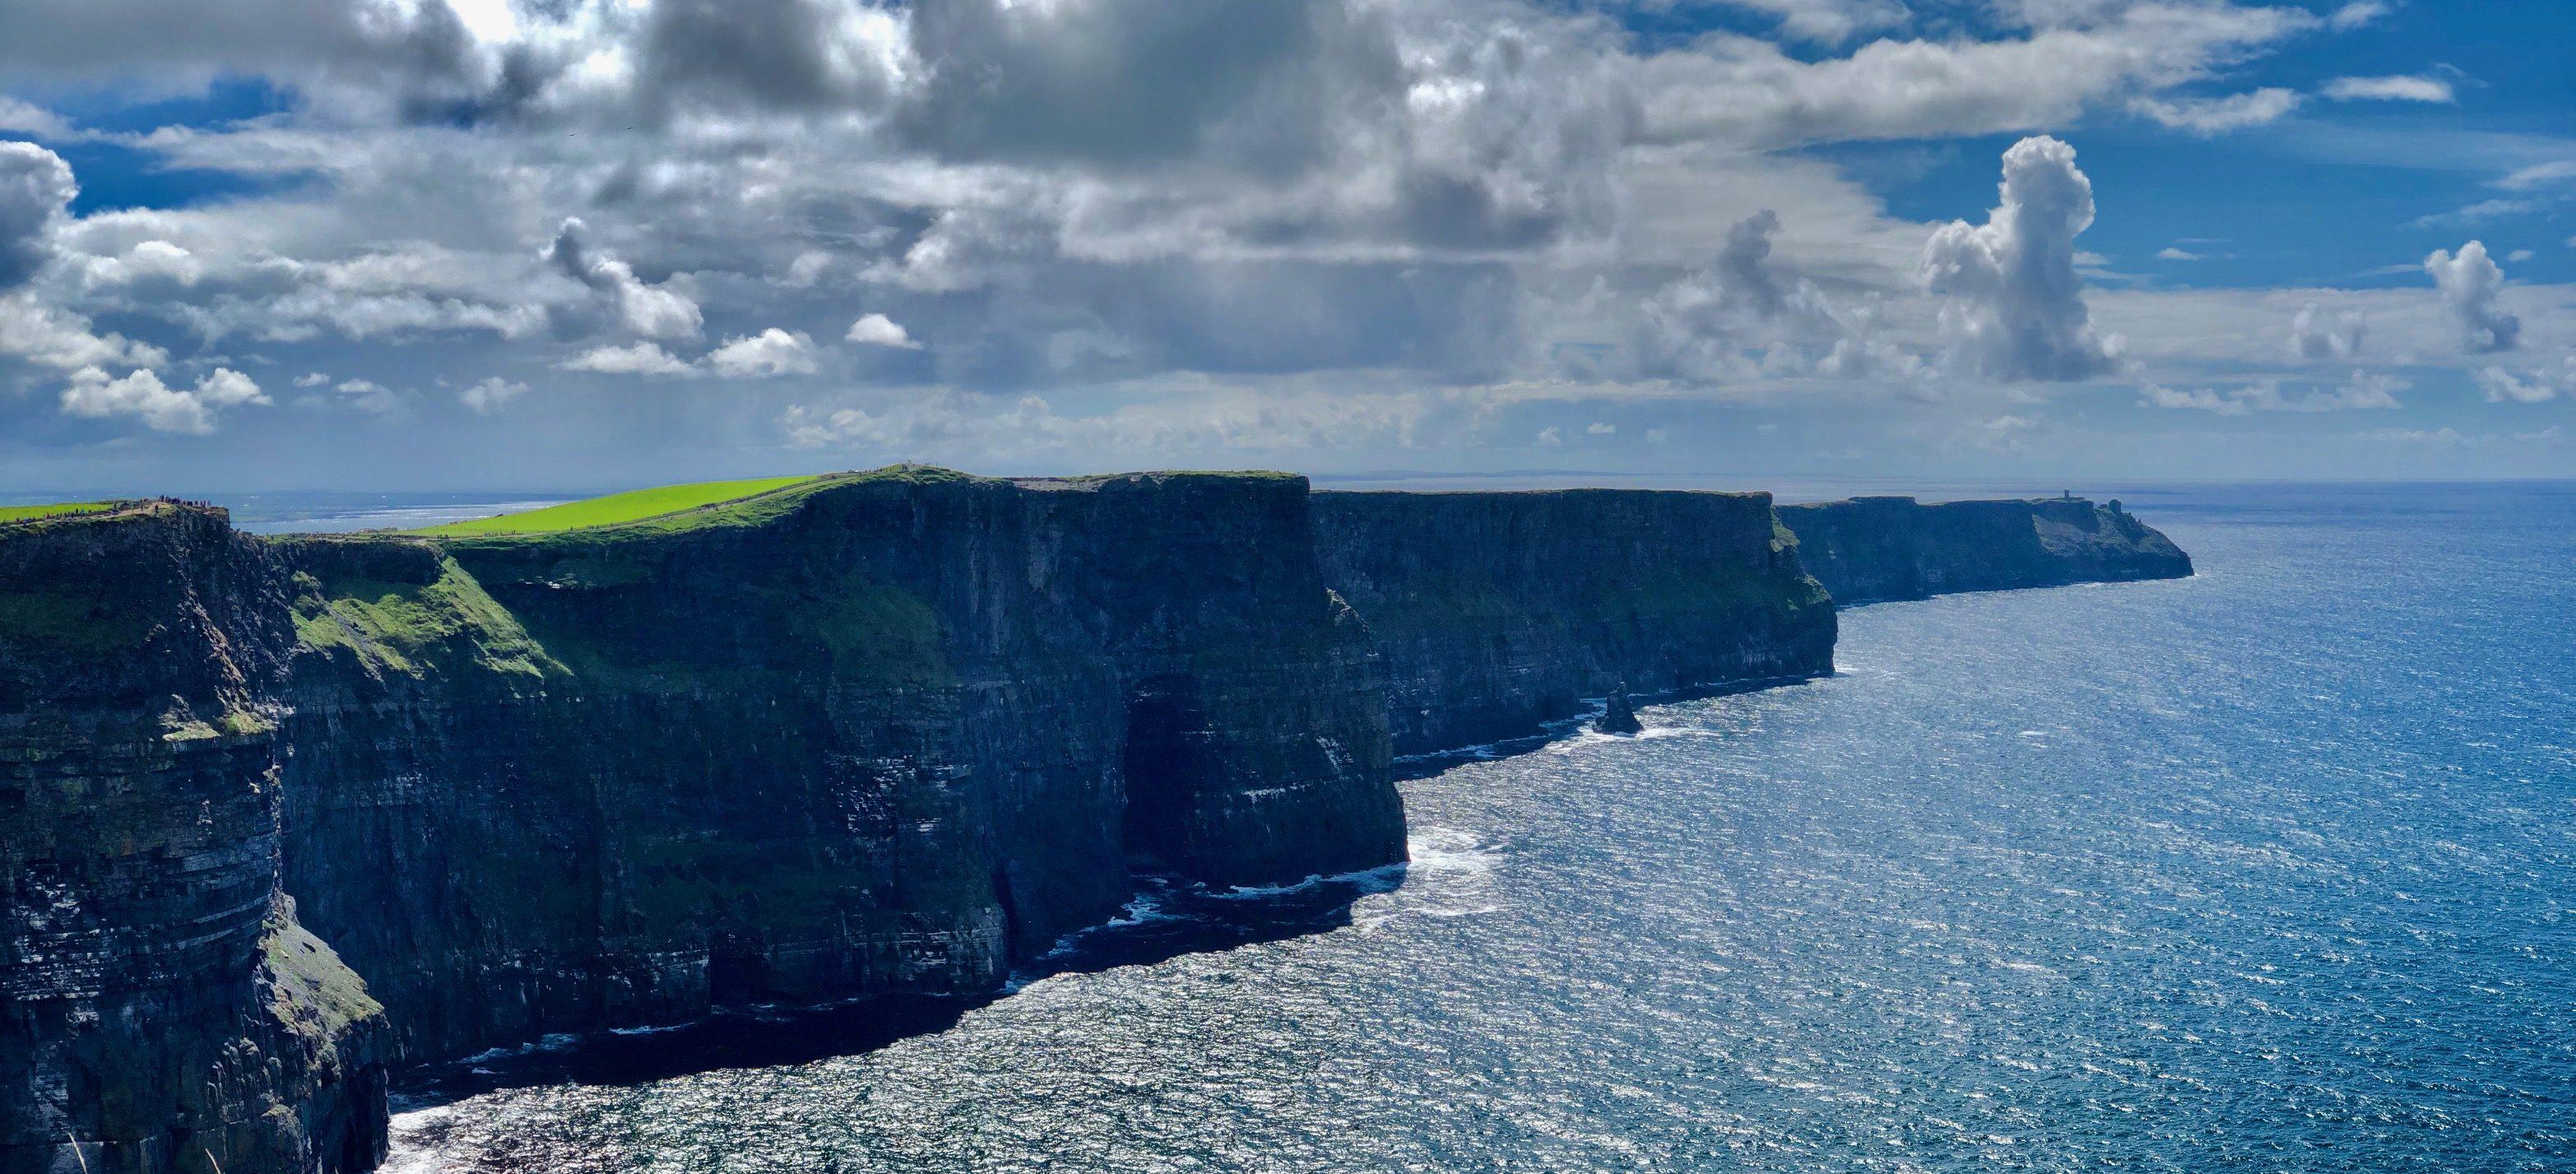 Irlanda, costa Irlanda, Acantilados de Moher, Irlanda en 22 días